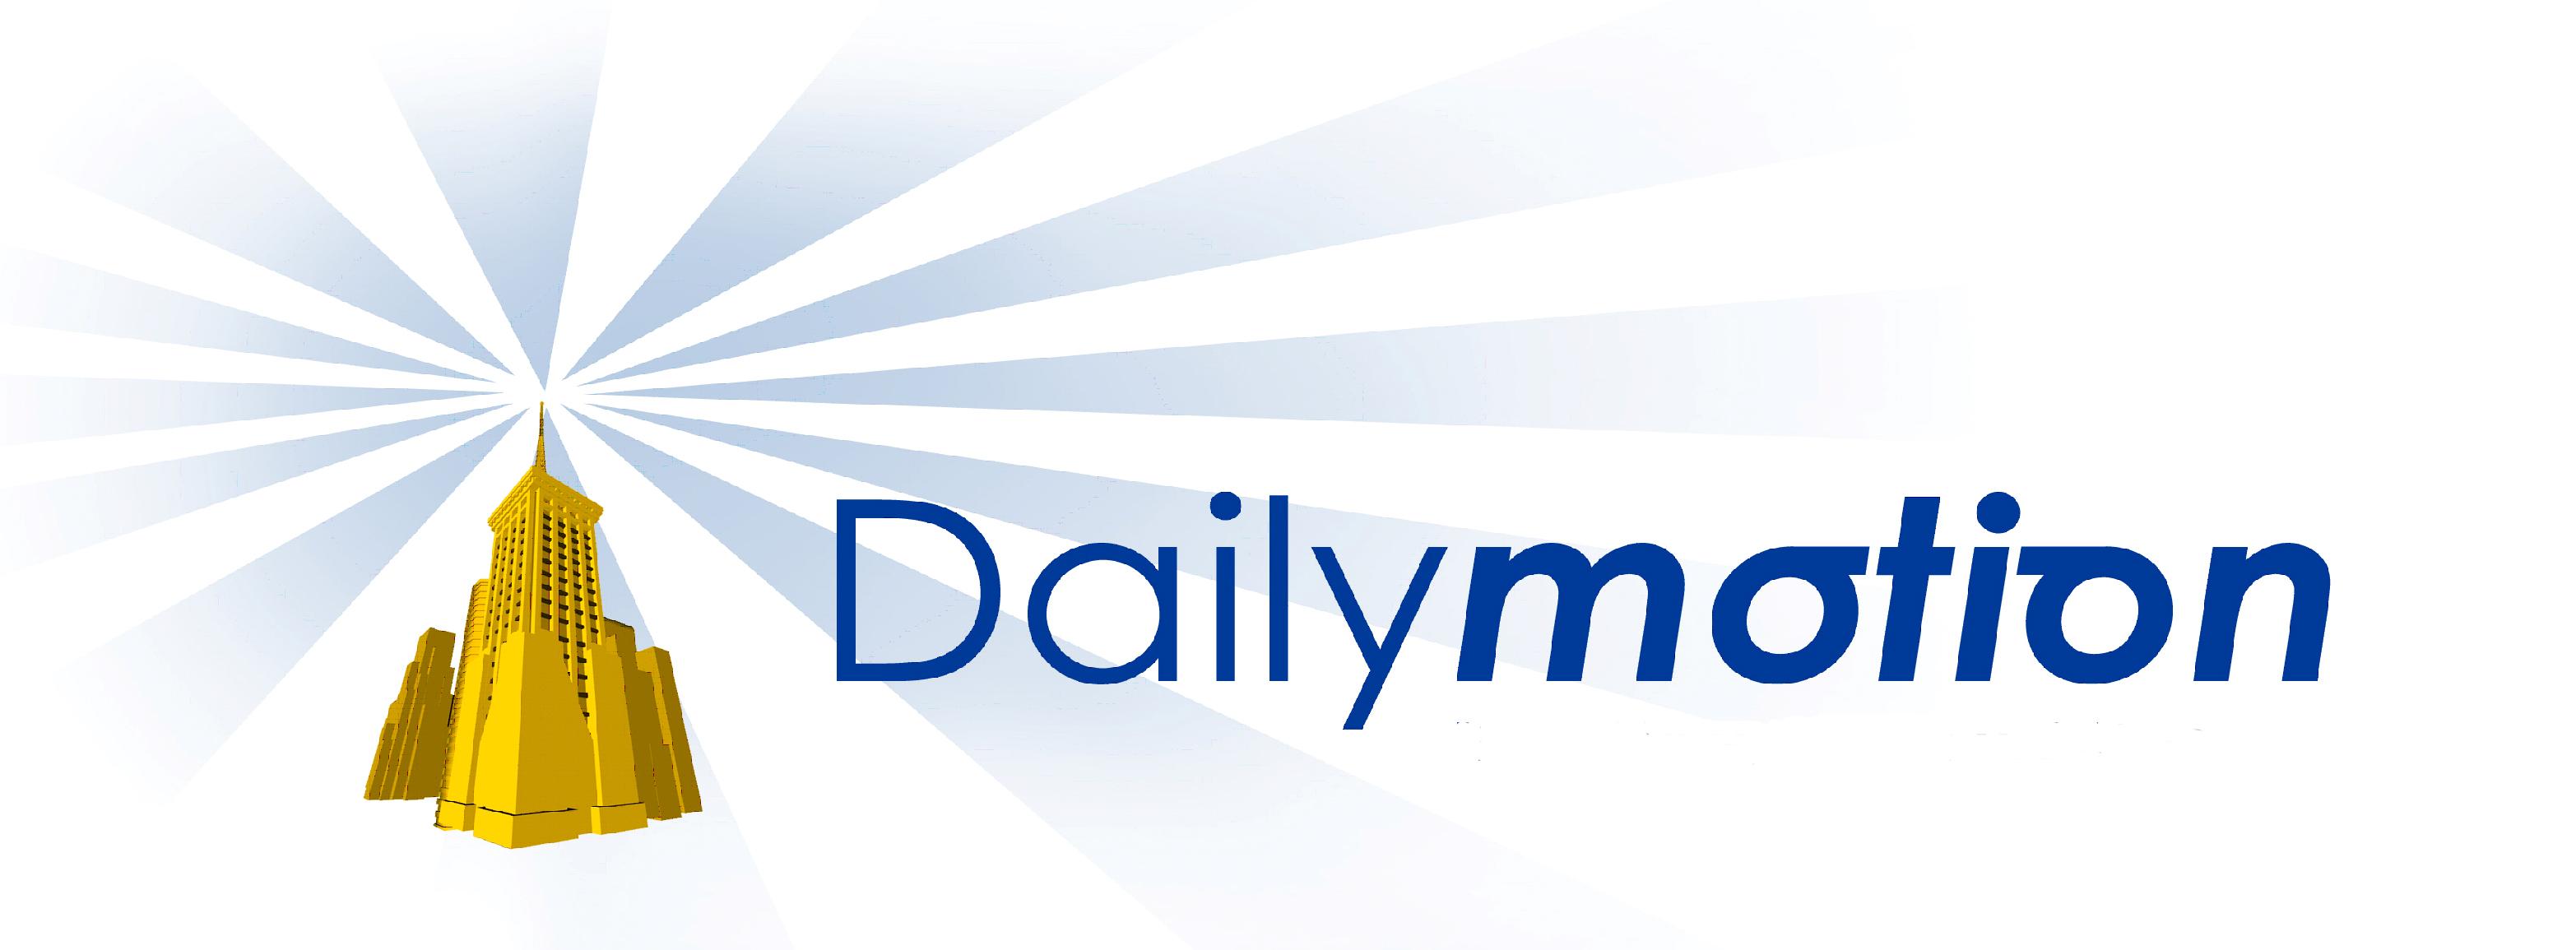 Dailymotion Logo PNG - 39118